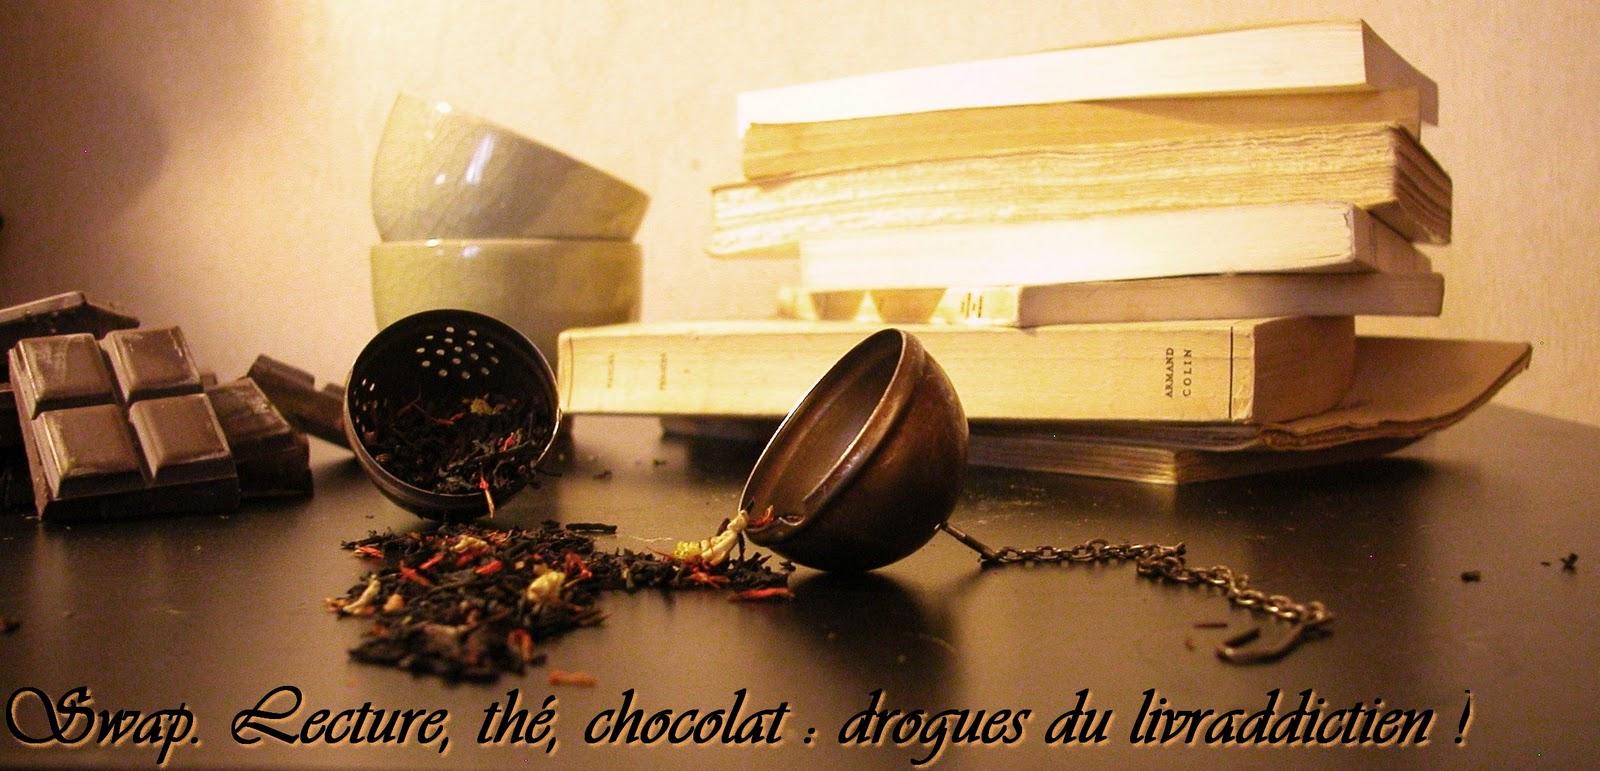 http://2.bp.blogspot.com/_Knydo2UenyI/TSc6rpfKa9I/AAAAAAAAAY0/AudbgOPKnLA/s1600/Swap+lecture%252C+th%25C3%25A9%252C+chocolat.jpg